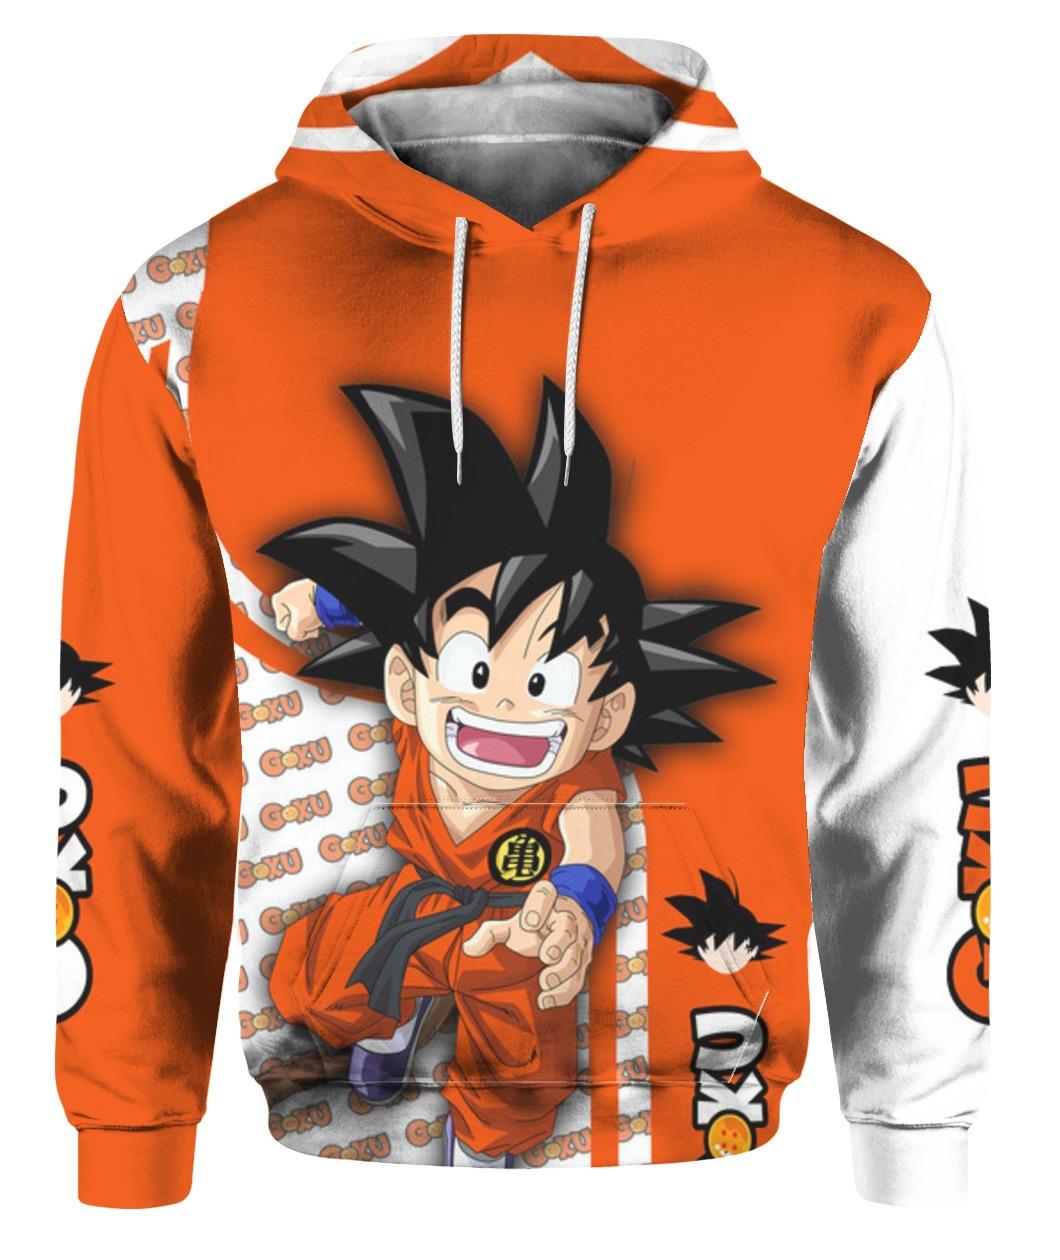 Dragon ball son goku all over printed hoodie 2